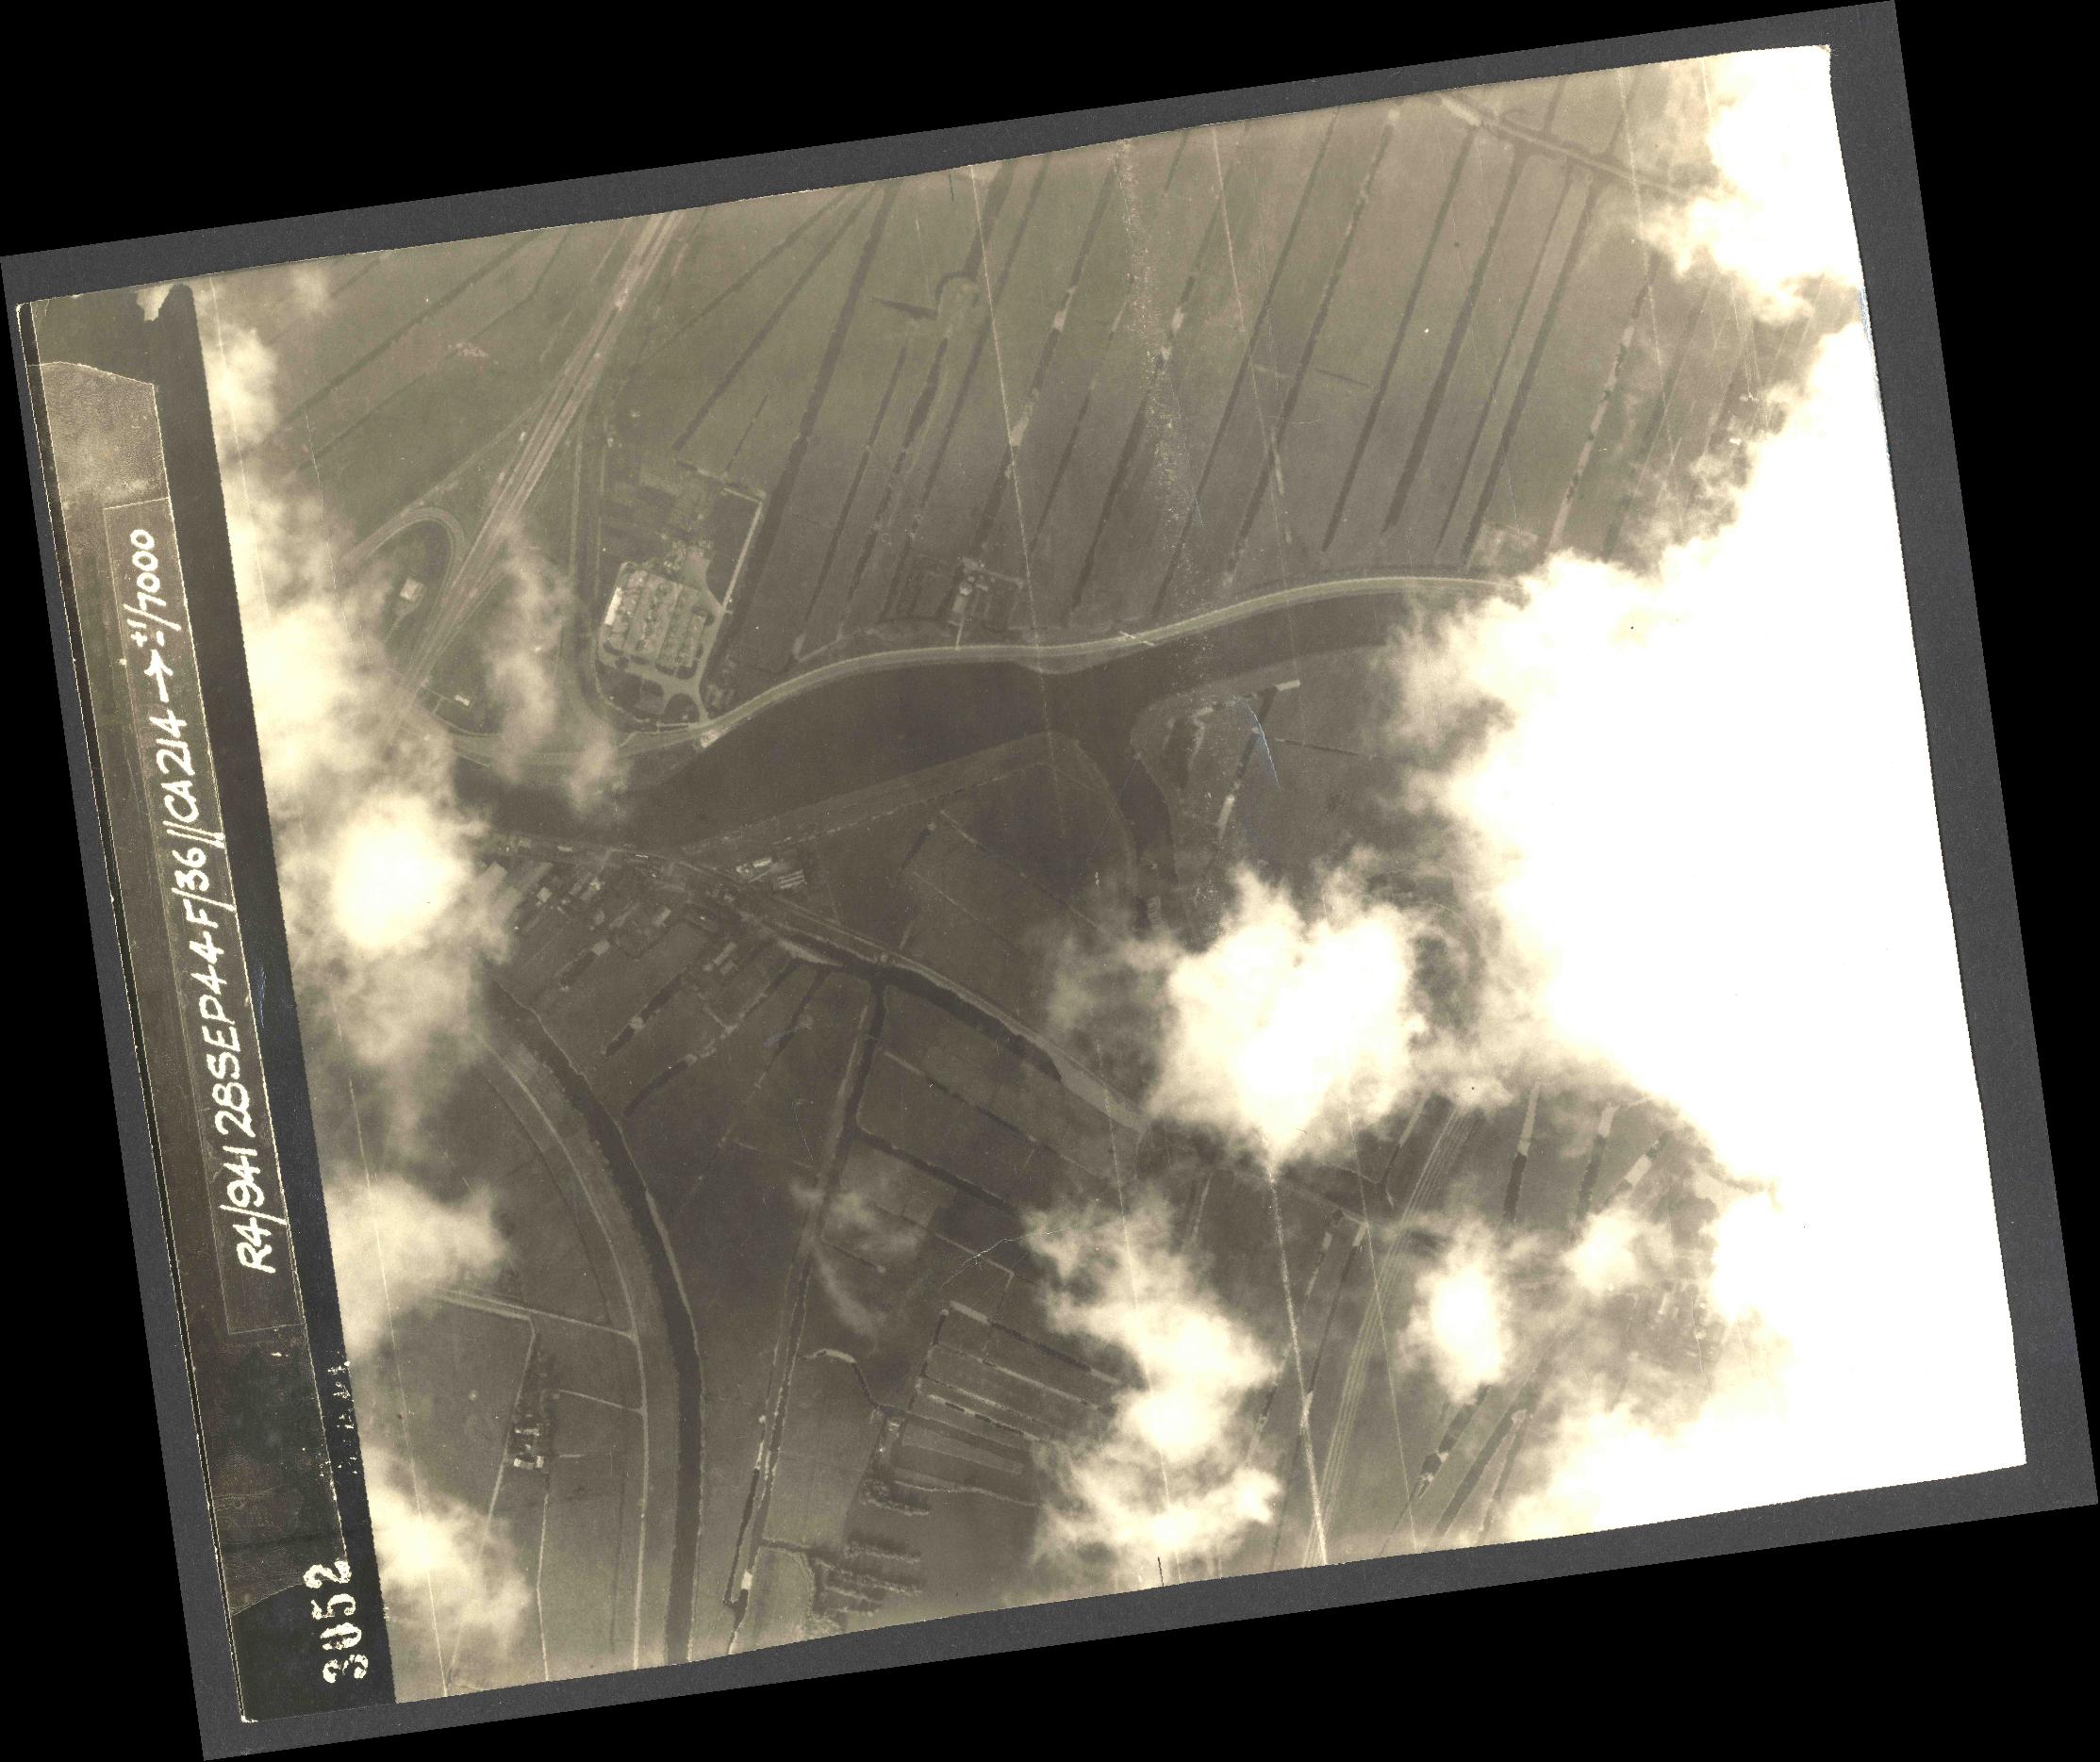 Collection RAF aerial photos 1940-1945 - flight 067, run 09, photo 4052